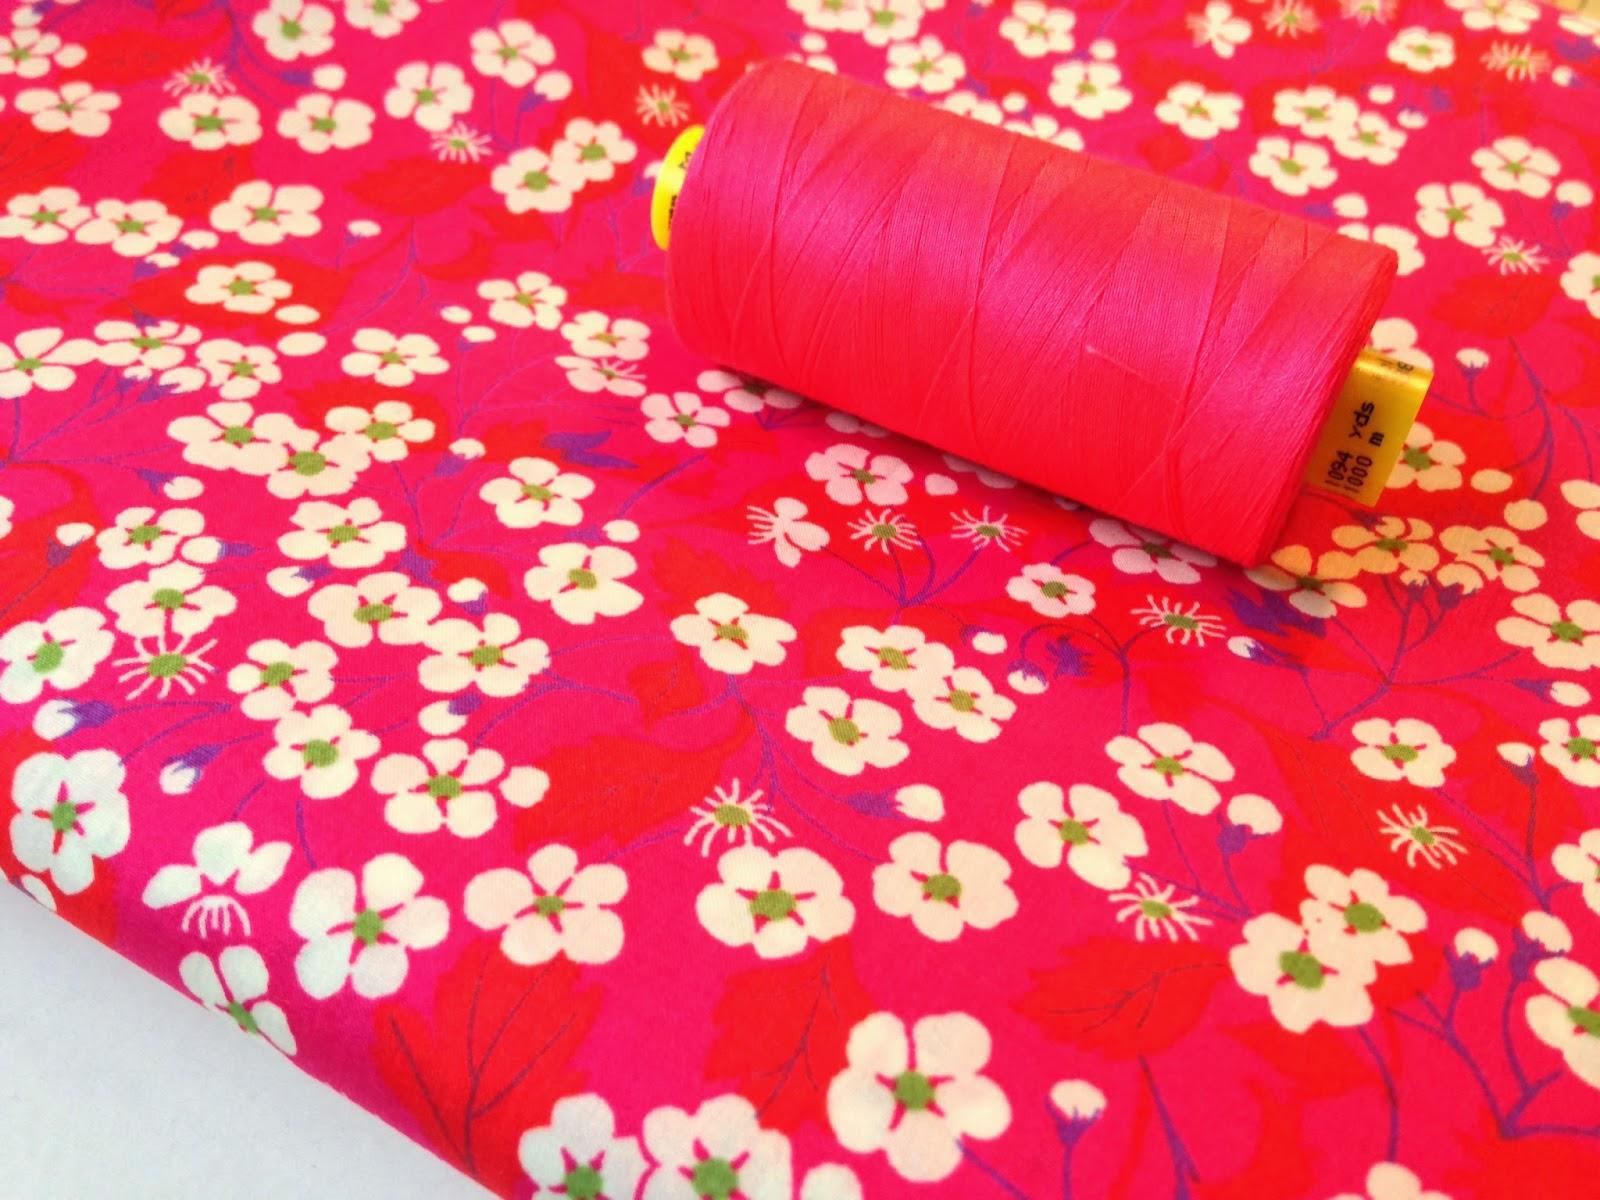 Pink version af Liberty Mitsi sammen med matchende neon pink sytråd fra Gütermann.